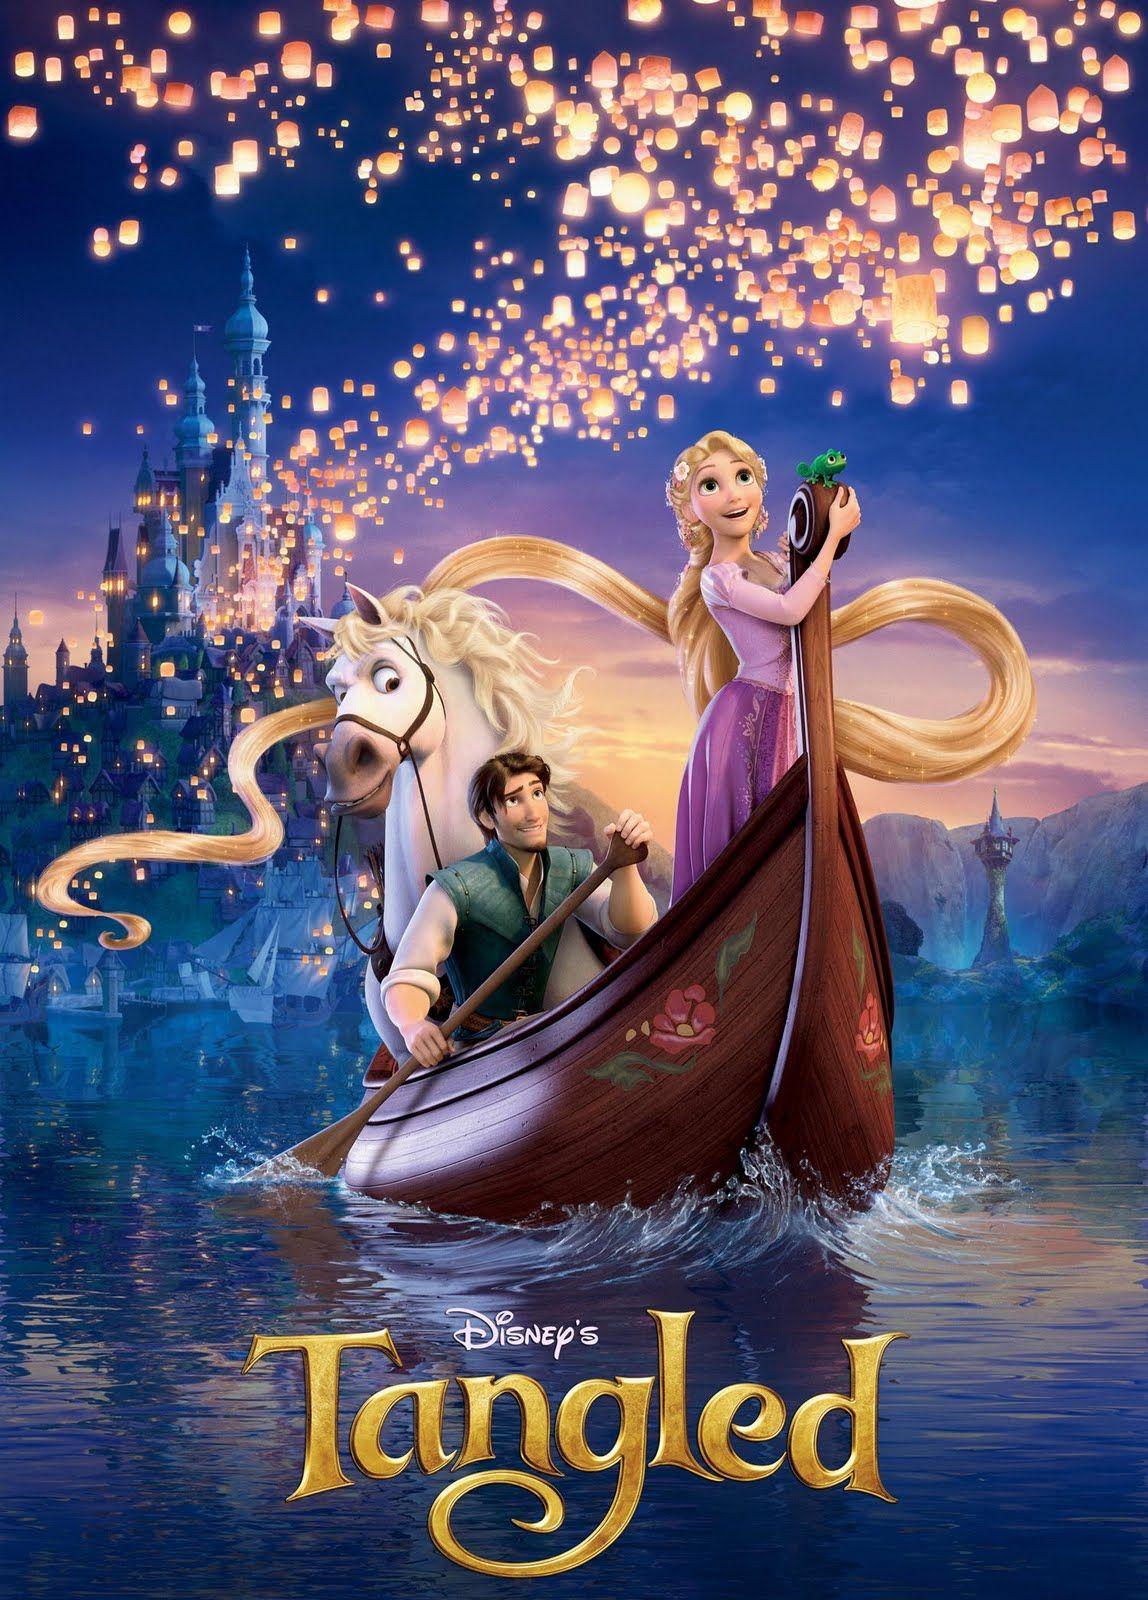 Tangled Movie Poster Tangled Movie Disney Princess Movies Princess Movies